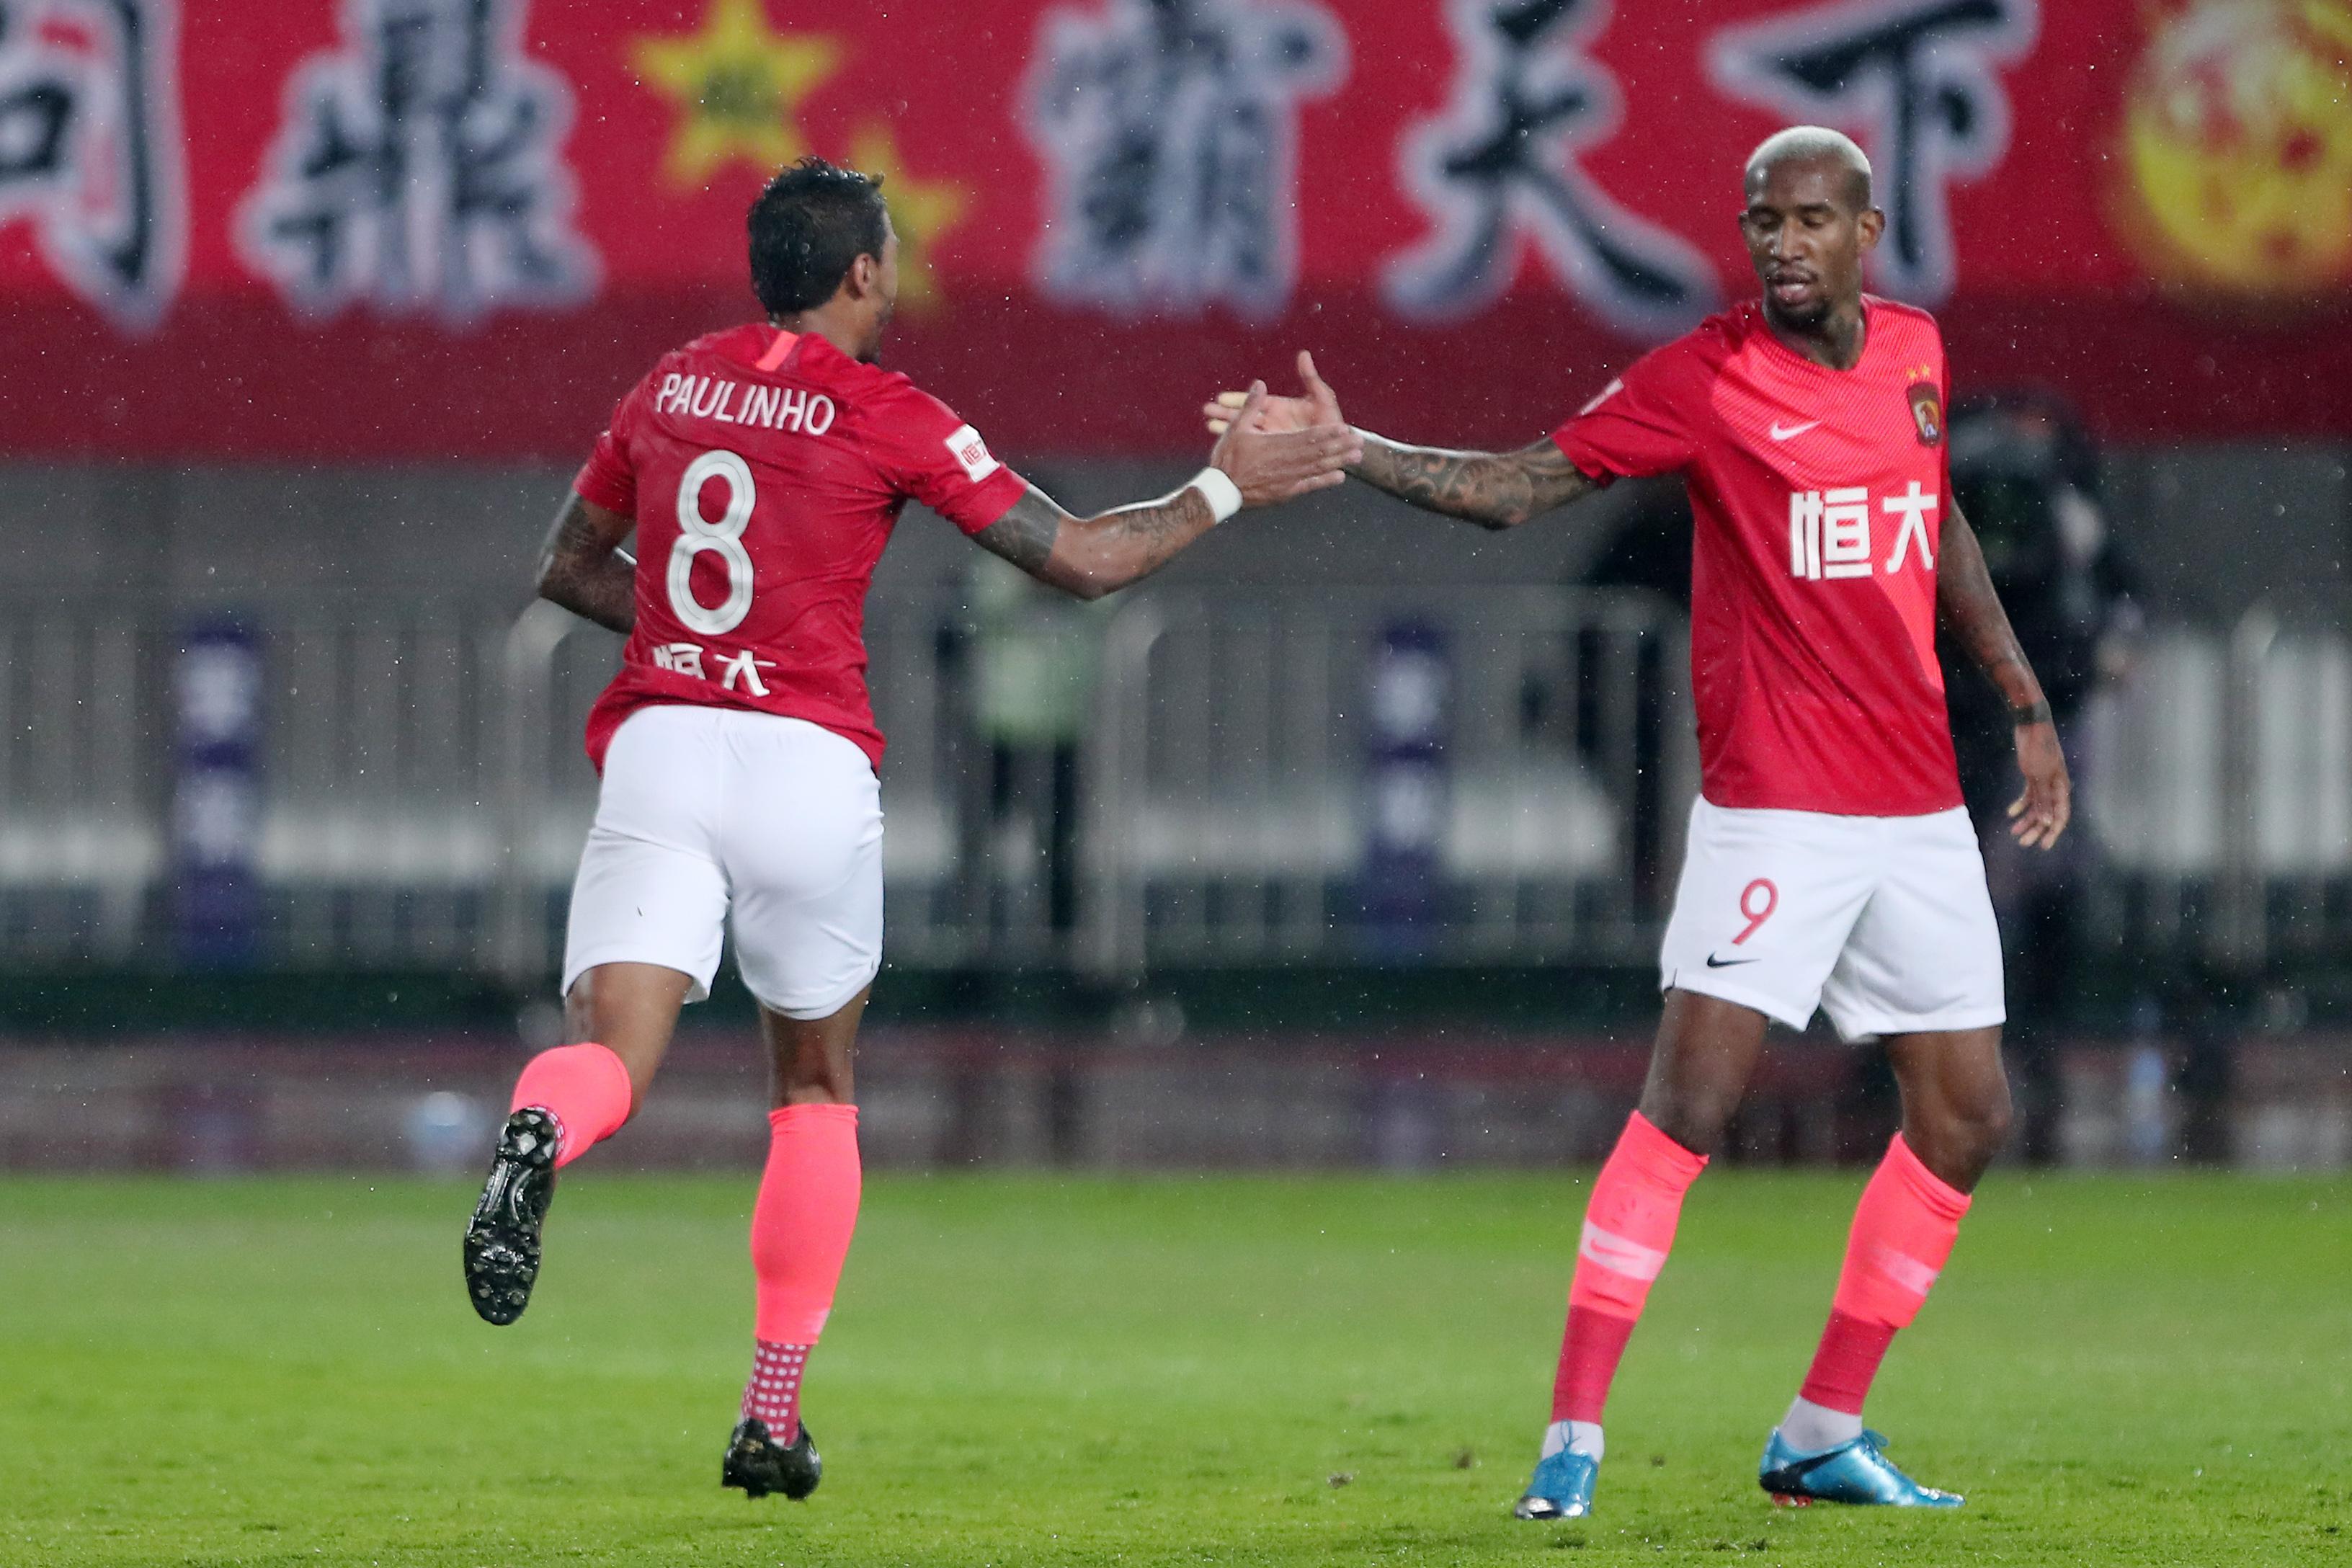 搜狐体育为您互动直播 2019年亚冠小组赛第二轮_胜利 体育新闻 第1张